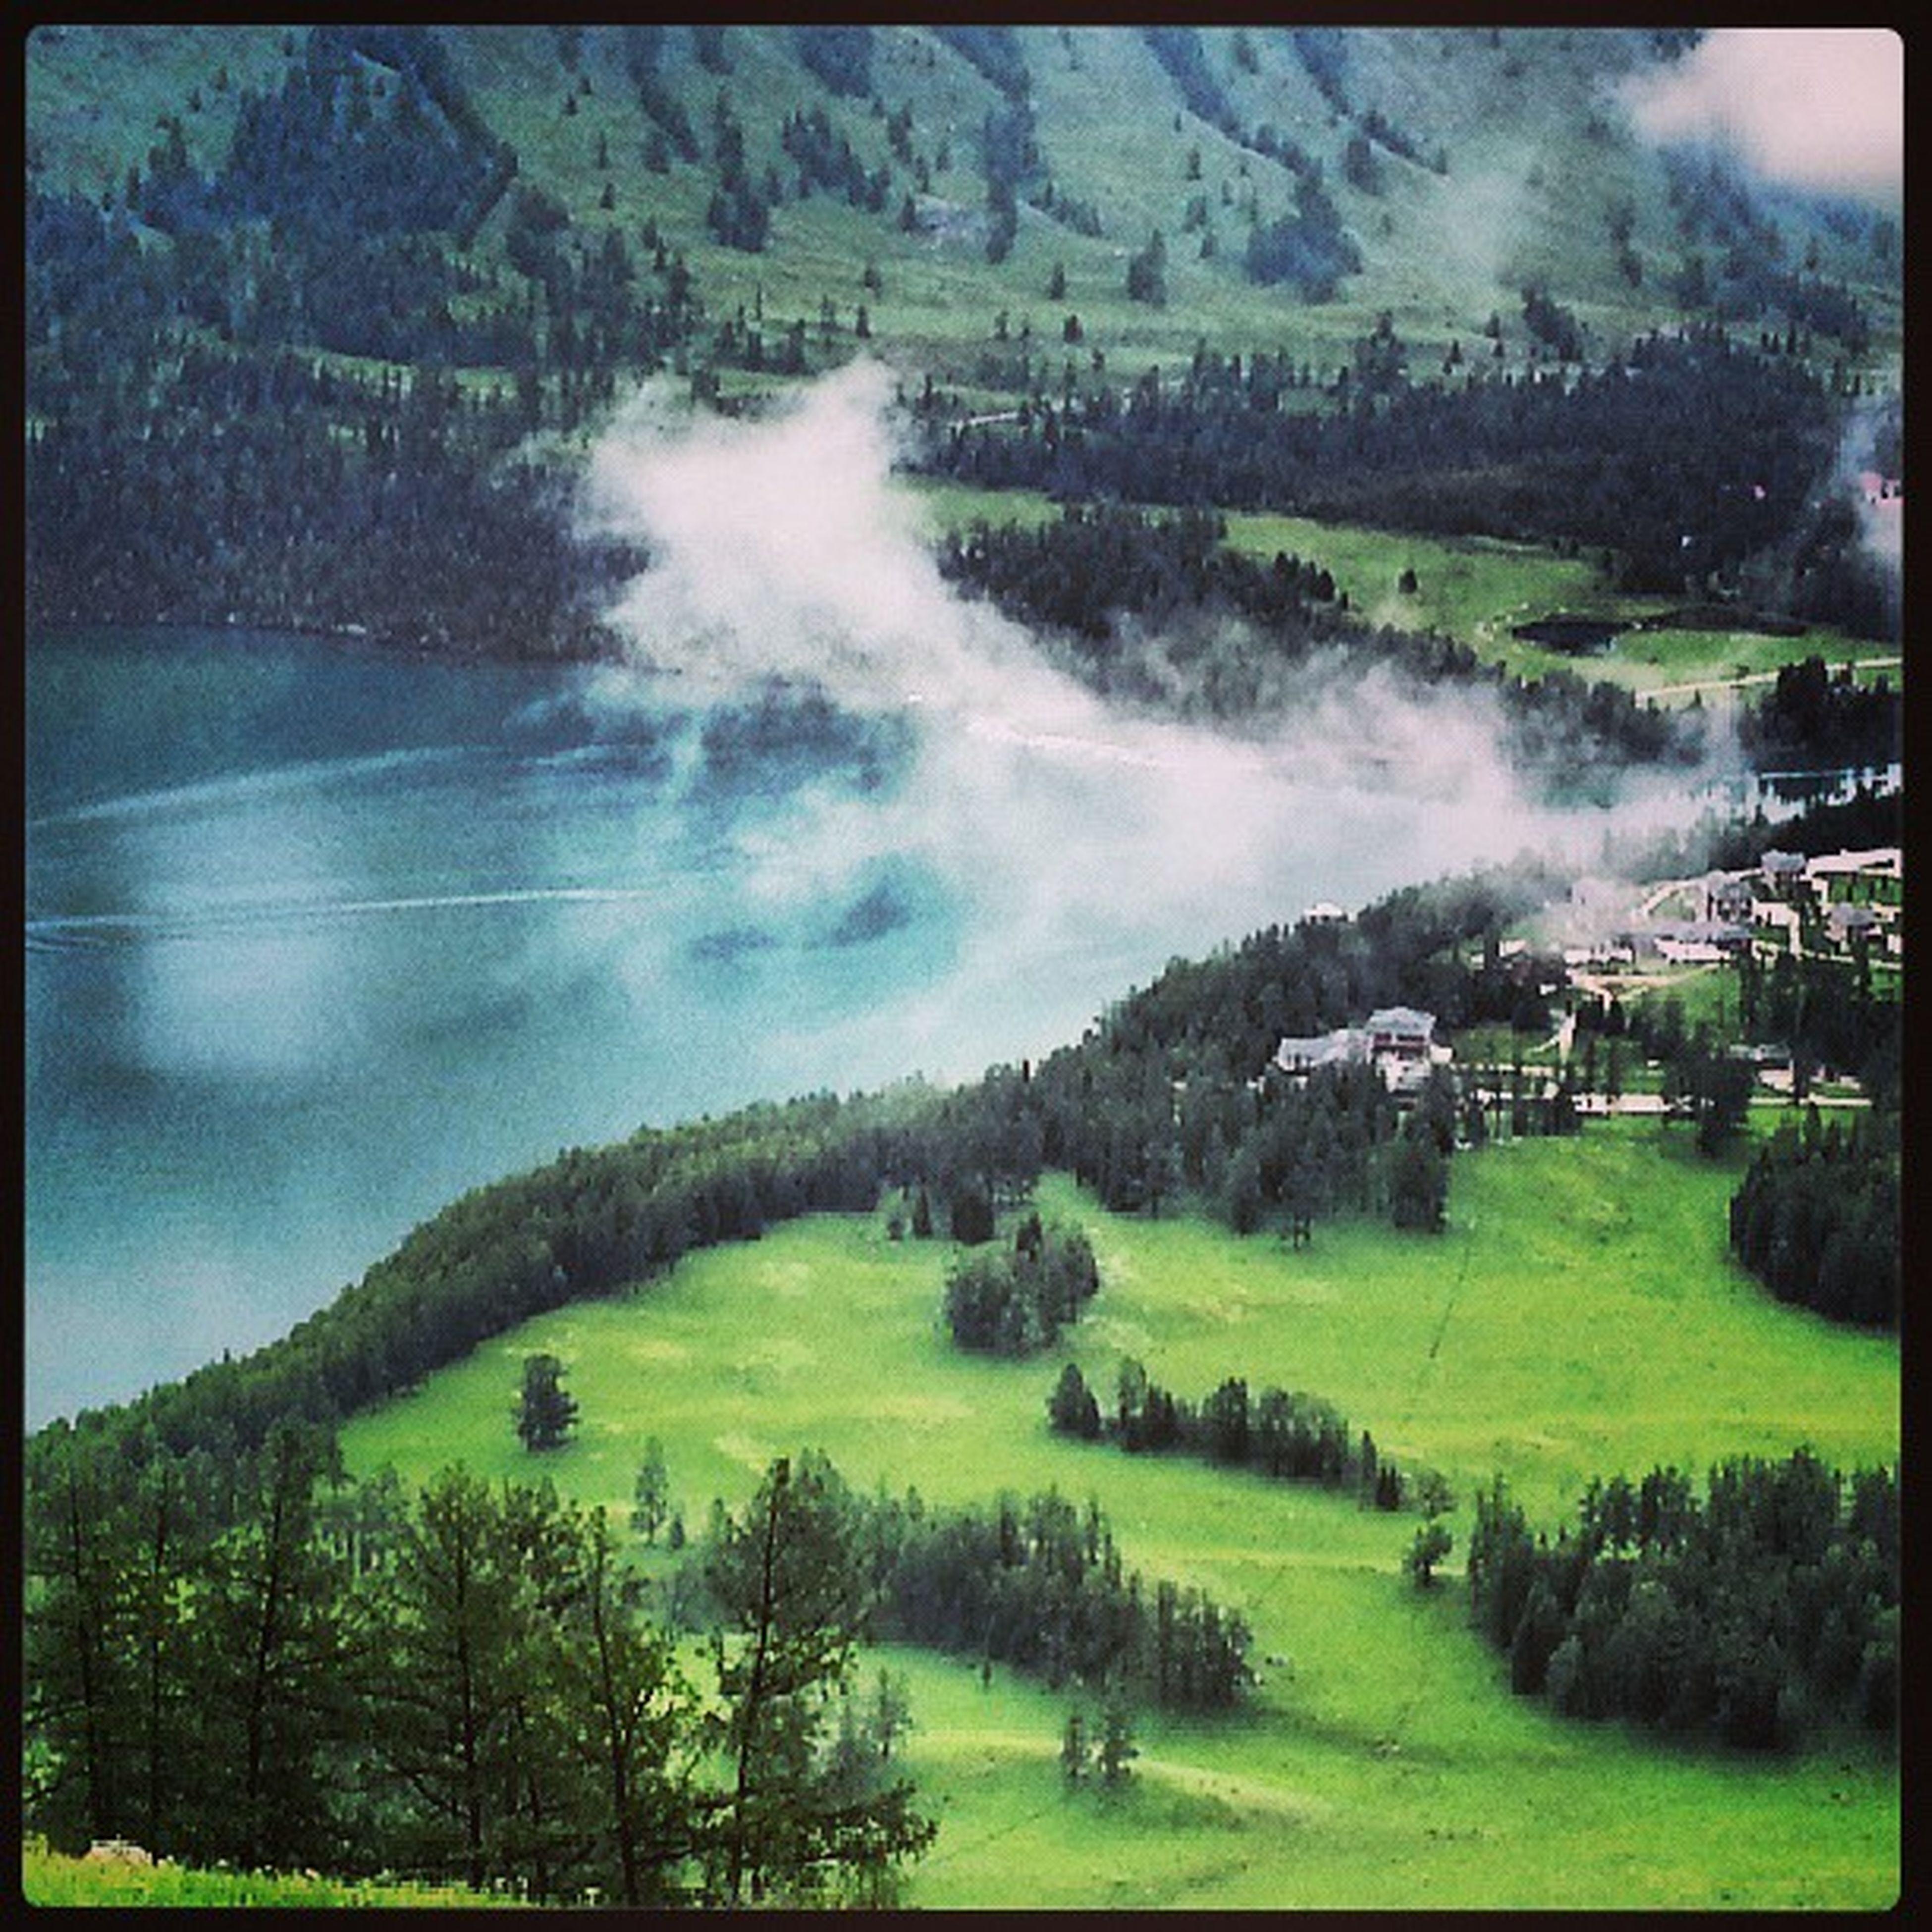 озеро канас урумчи южныйалтай алтай природа nature china